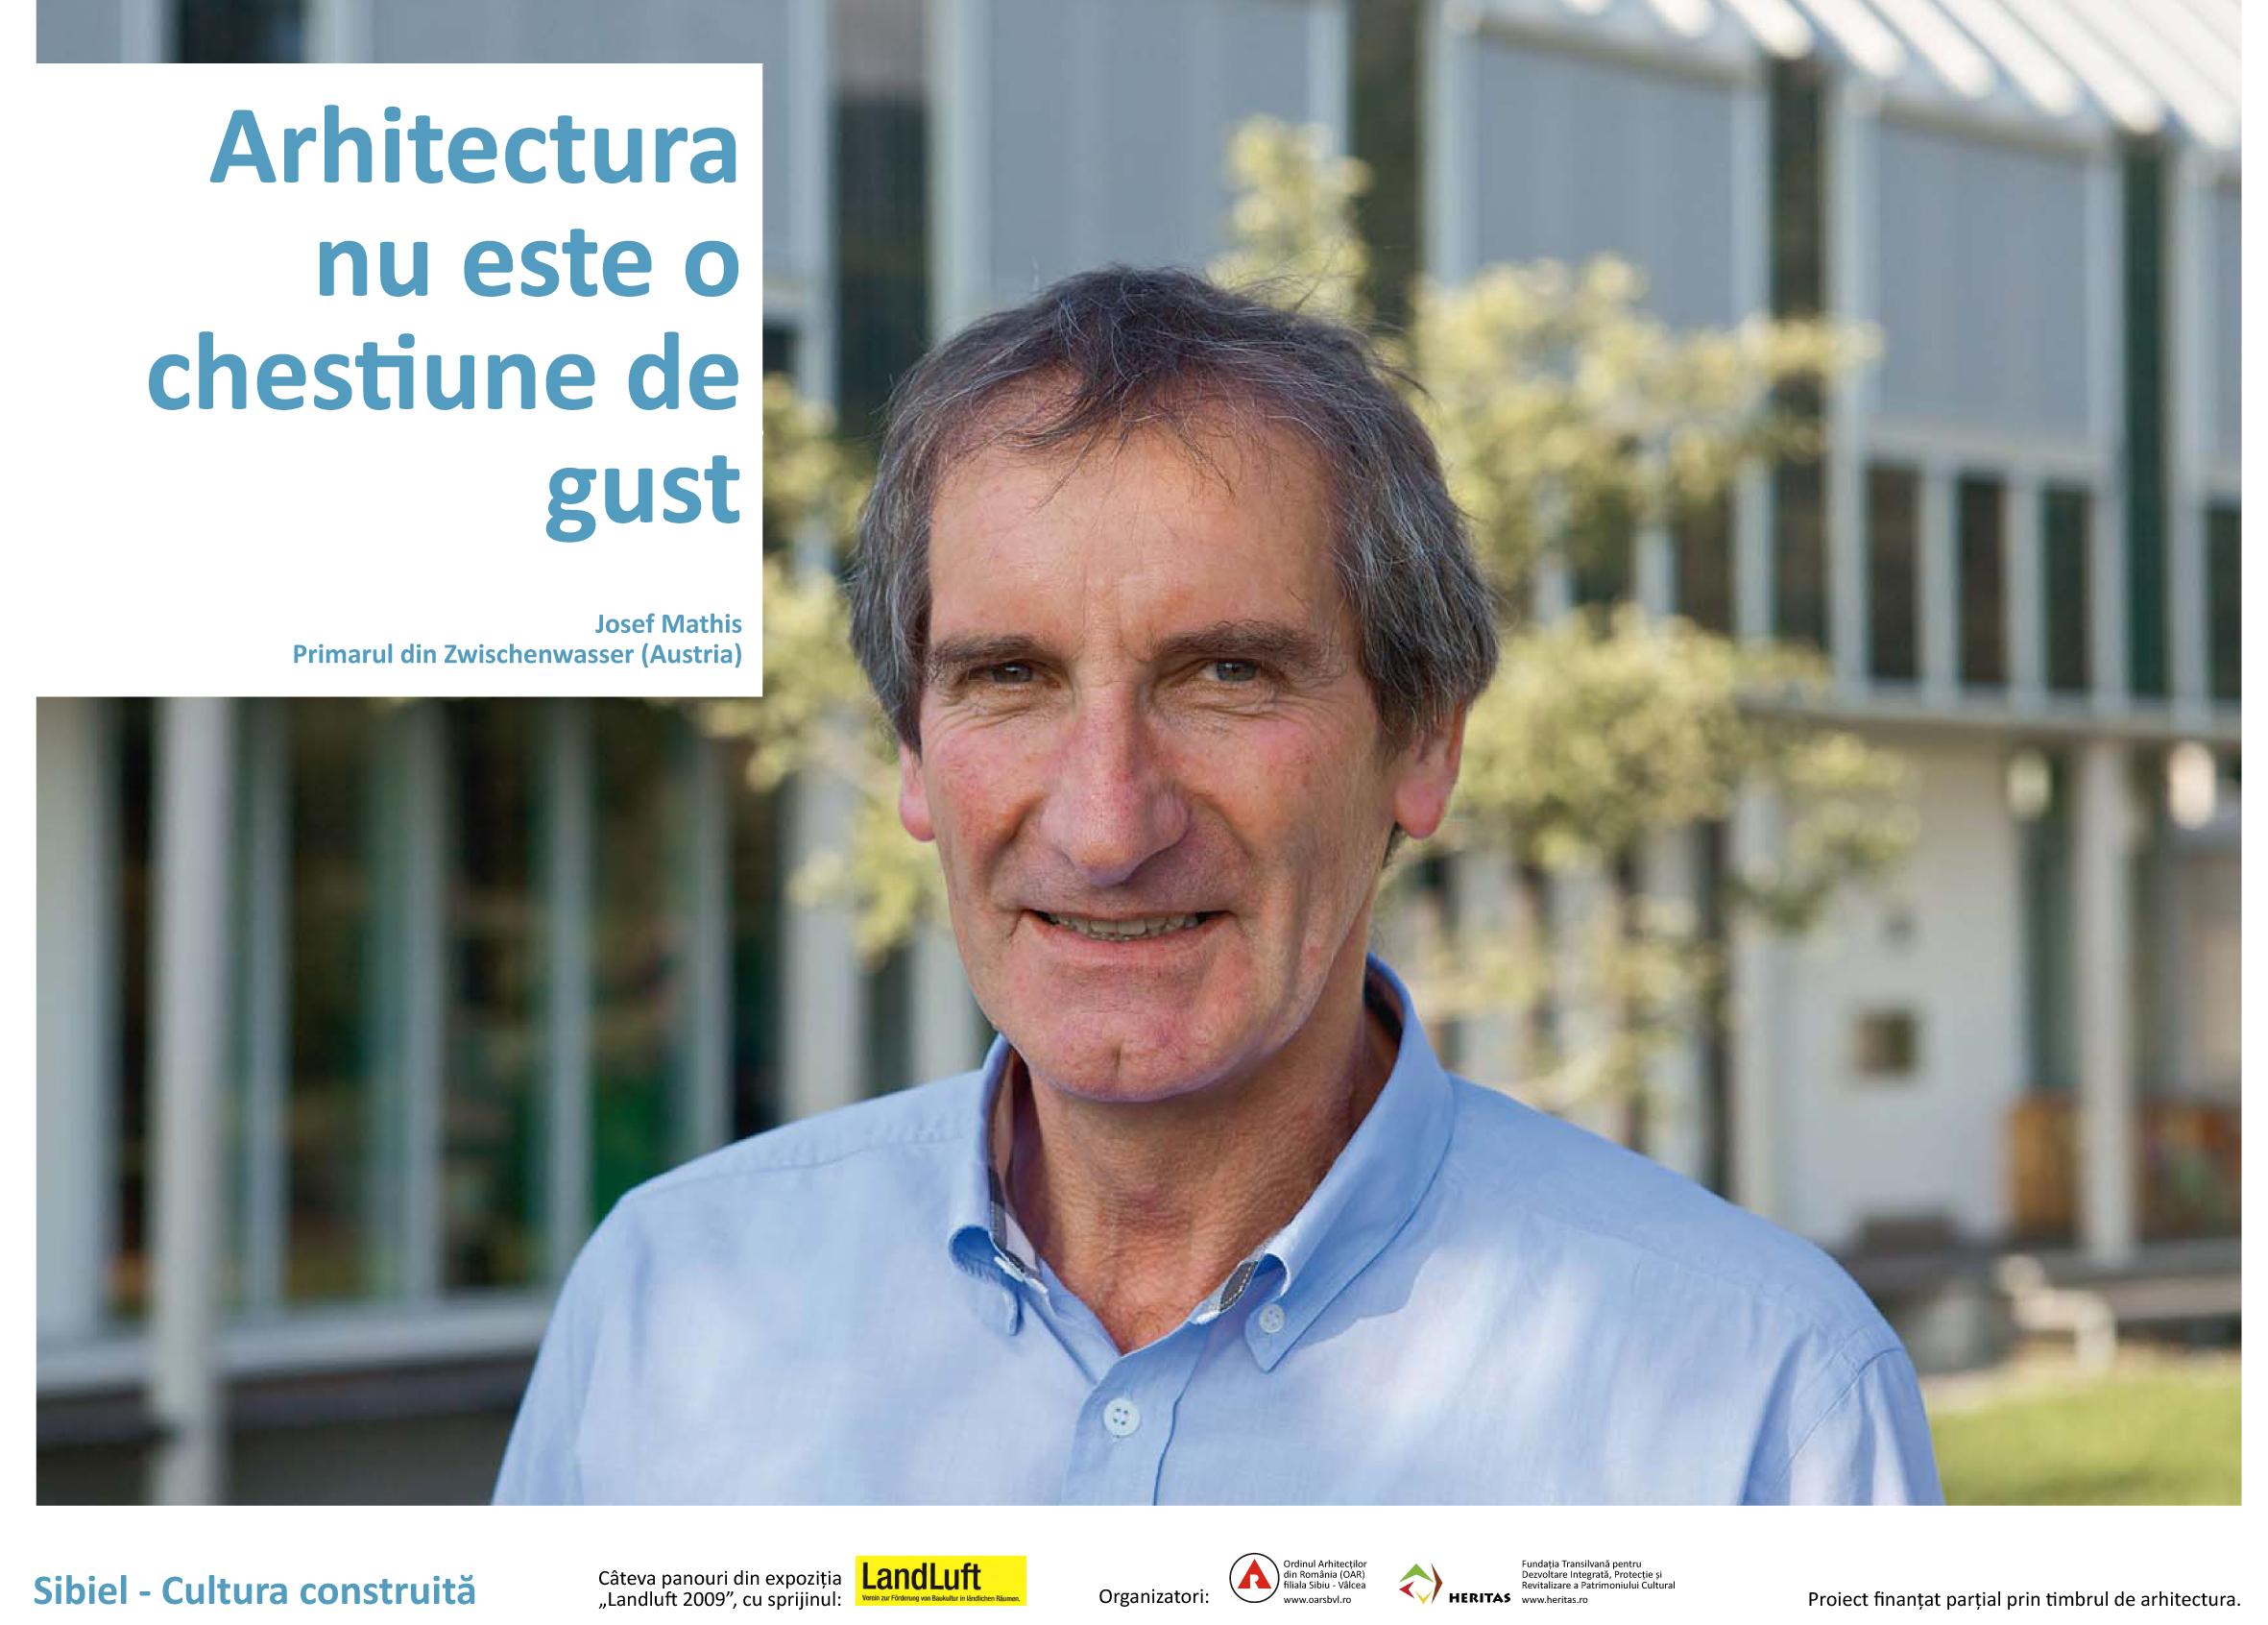 D-nul Josef Mathis, Primarul din Zwischenwasser (Austria)